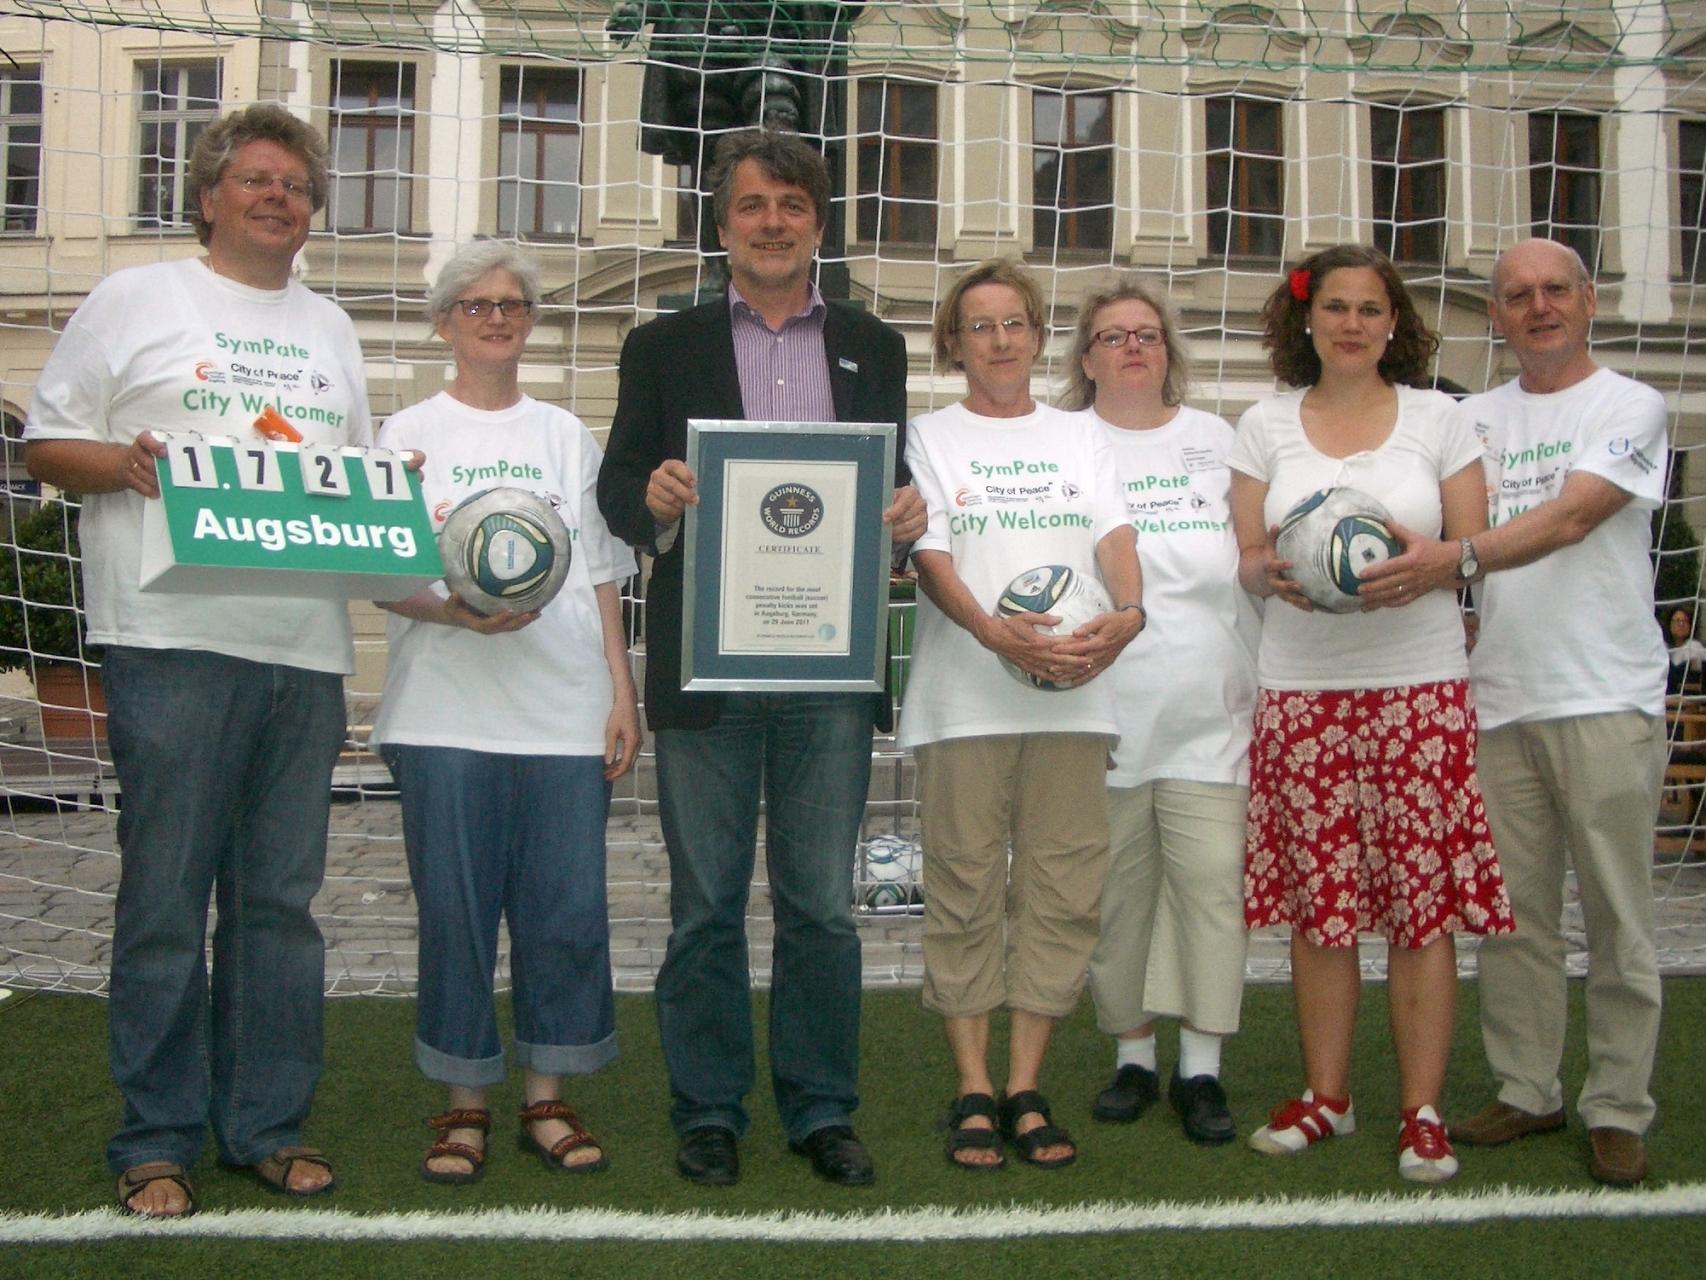 SymPaten - City Welcomers 2011 - Guinness World Records Elfmeterwettbewerb 29.06.11 - Foto: Wolfgang F. Lightmaster- Freiwilligen-Zentrum Augsburg